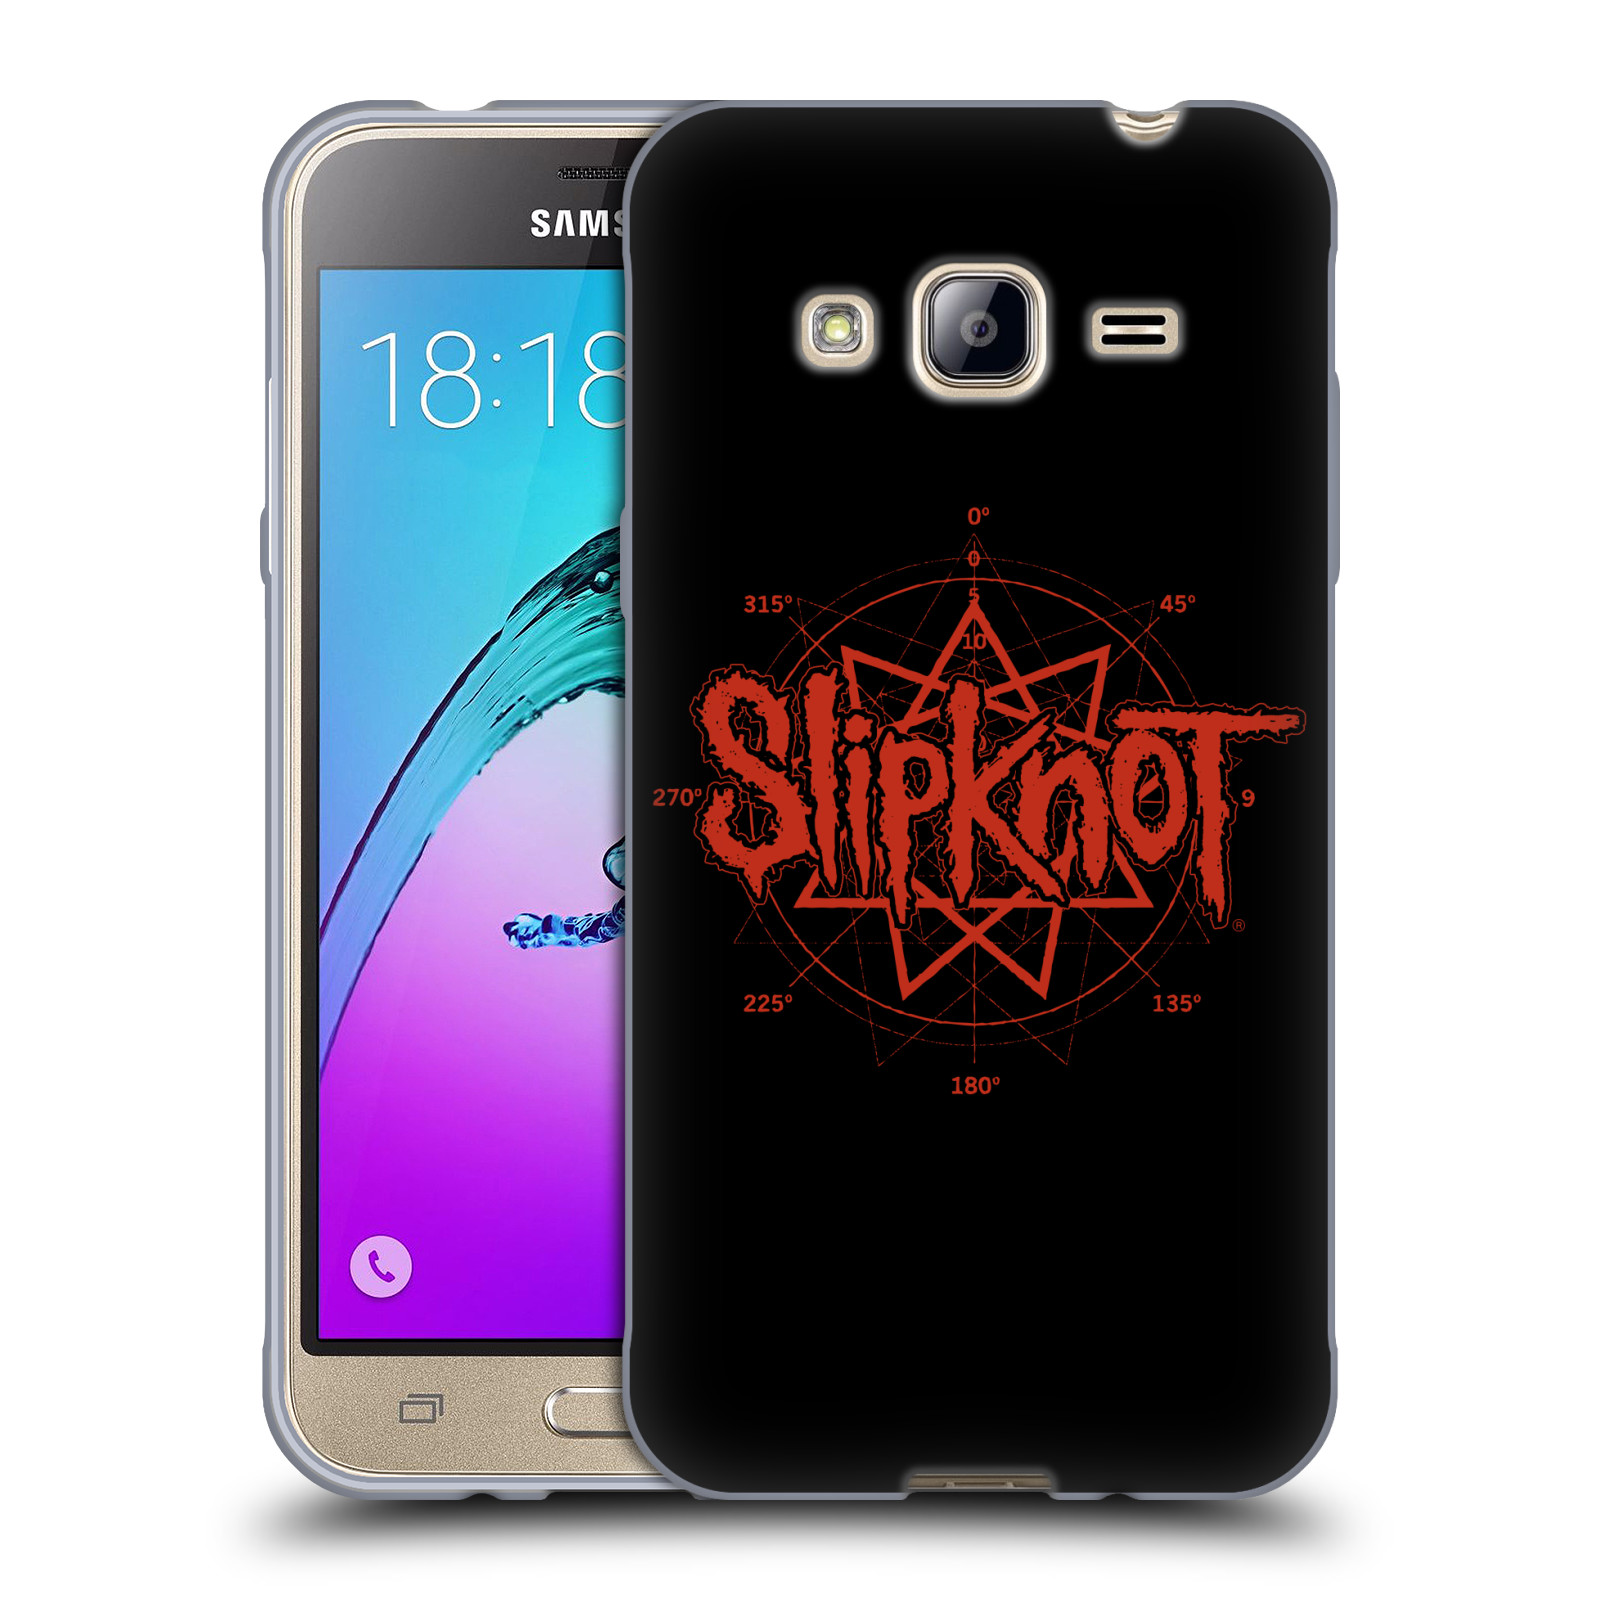 HEAD CASE silikonový obal na mobil Samsung Galaxy J3, J3 2016 hudební skupina Slipknot logo